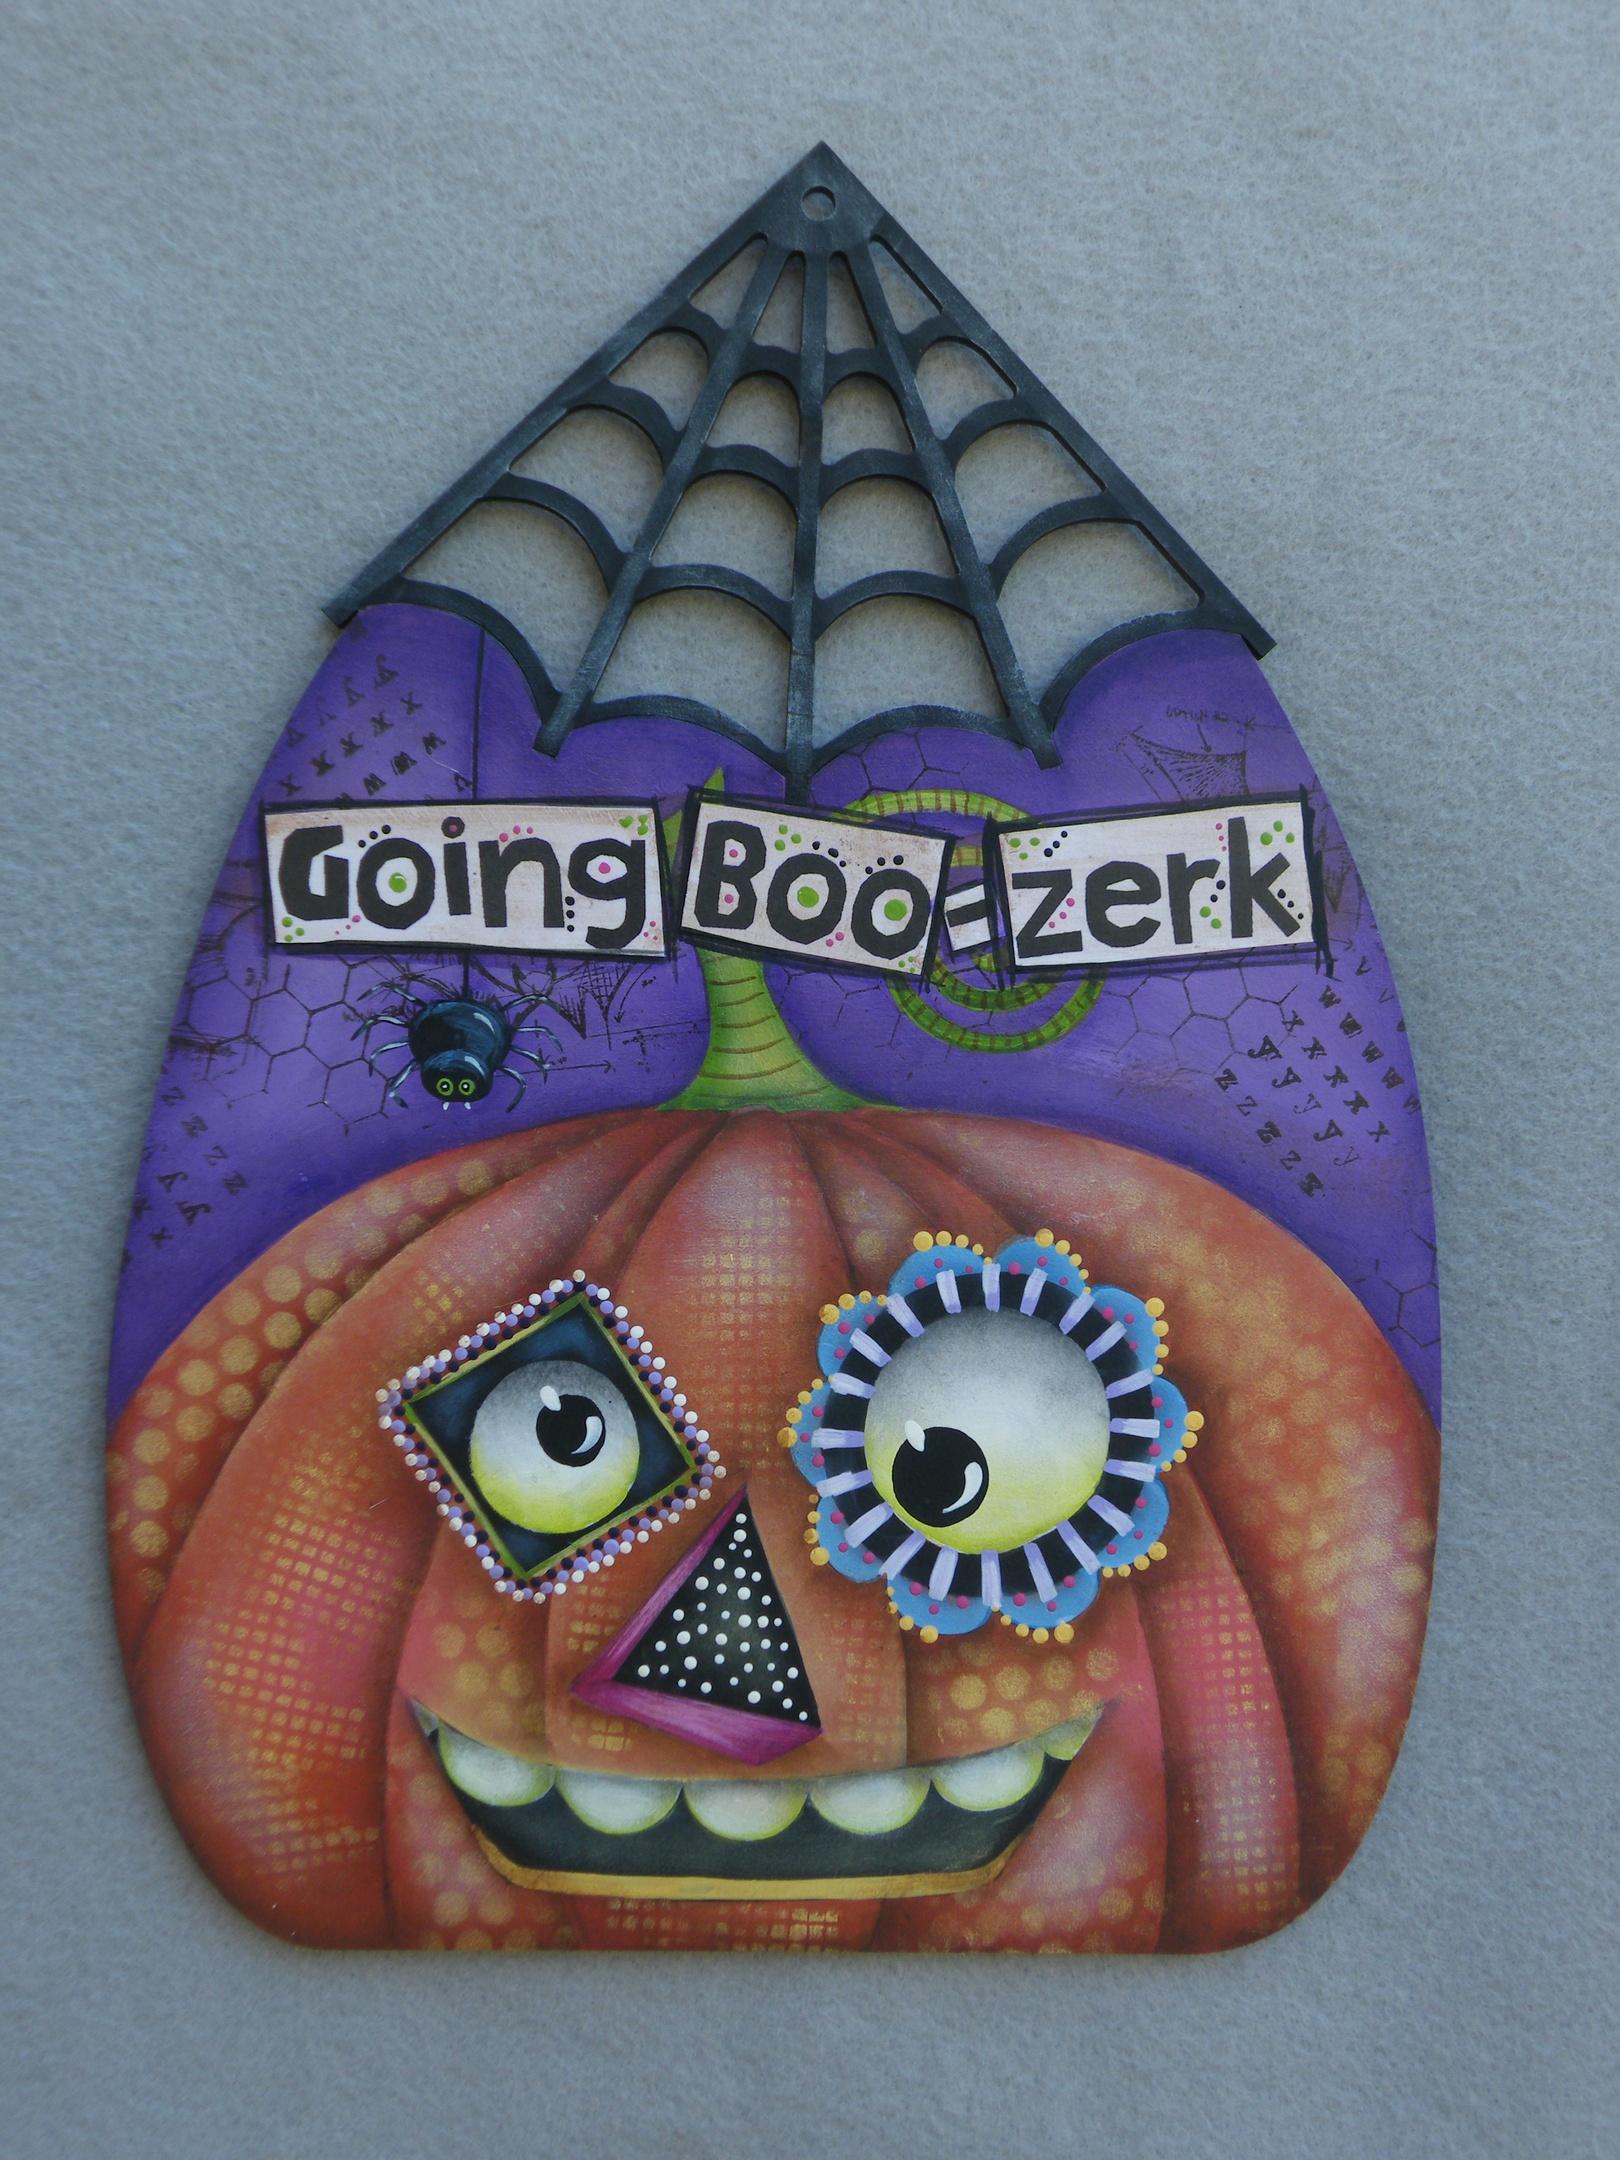 e594 Going Boo-zerk